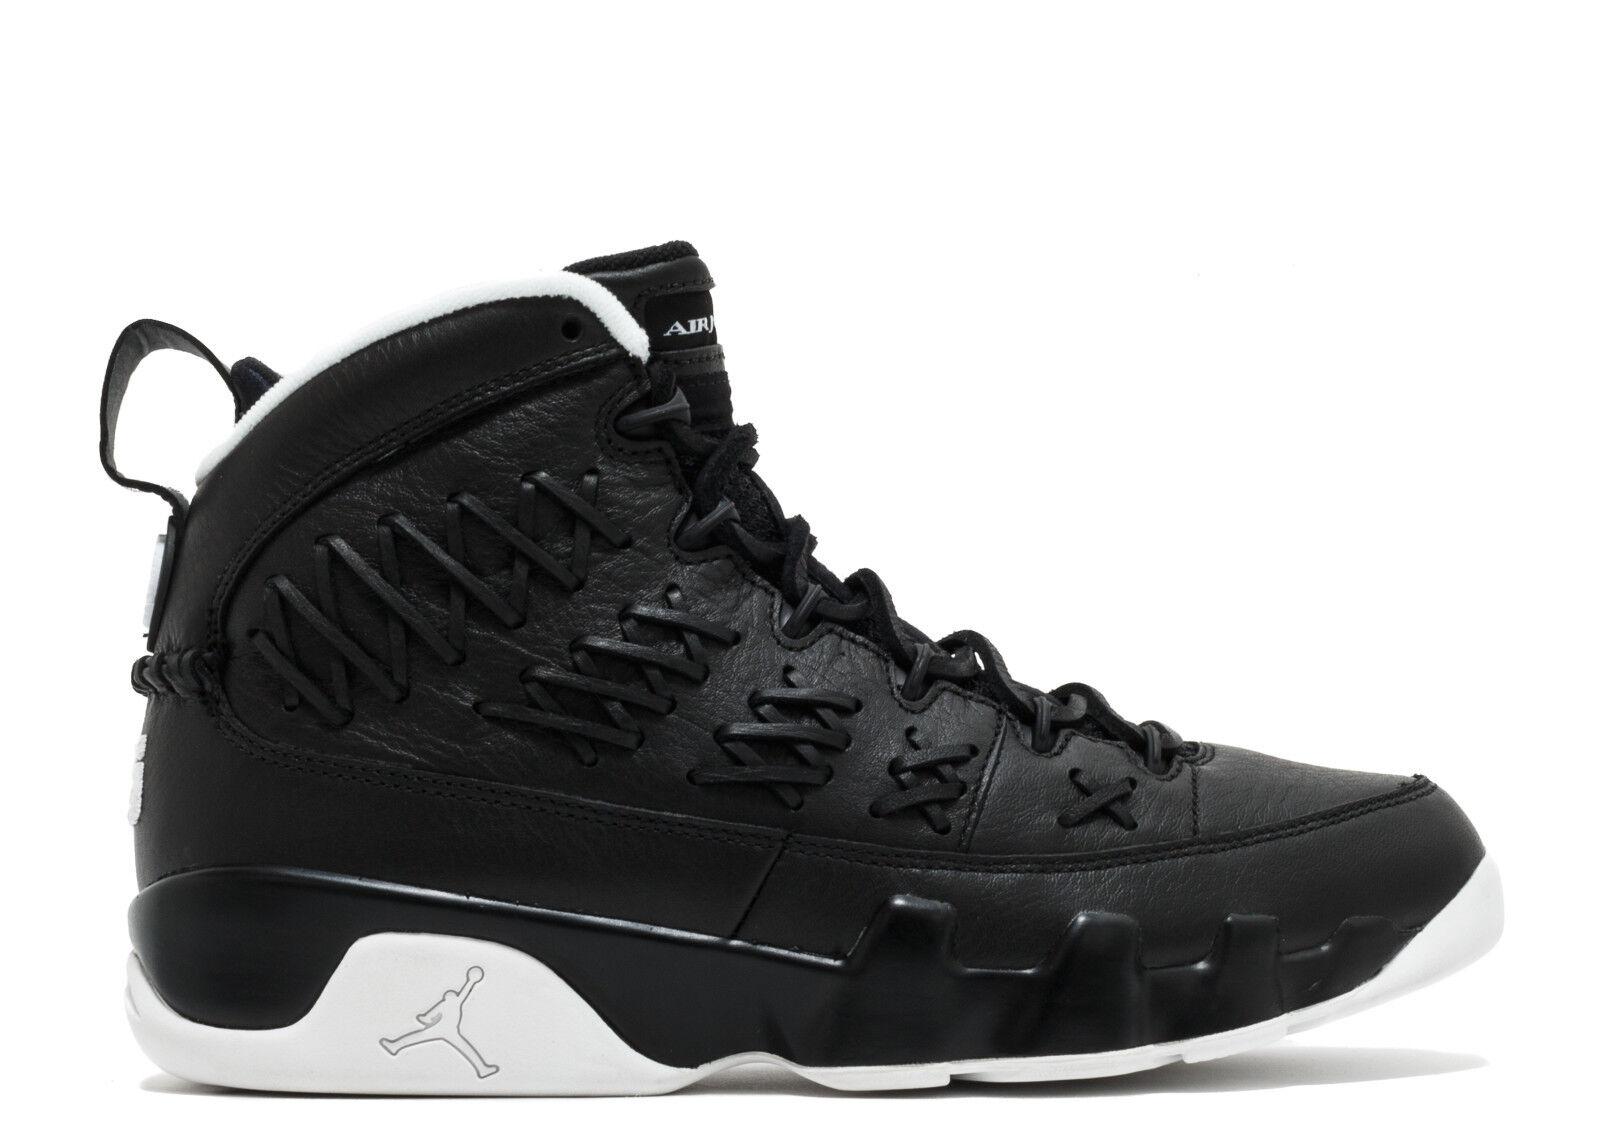 Nike Pinnacle Air Jordan 9 IX Retro Pinnacle Nike Black Baseball Glove Size 13. AH6233-903 2d1ba9